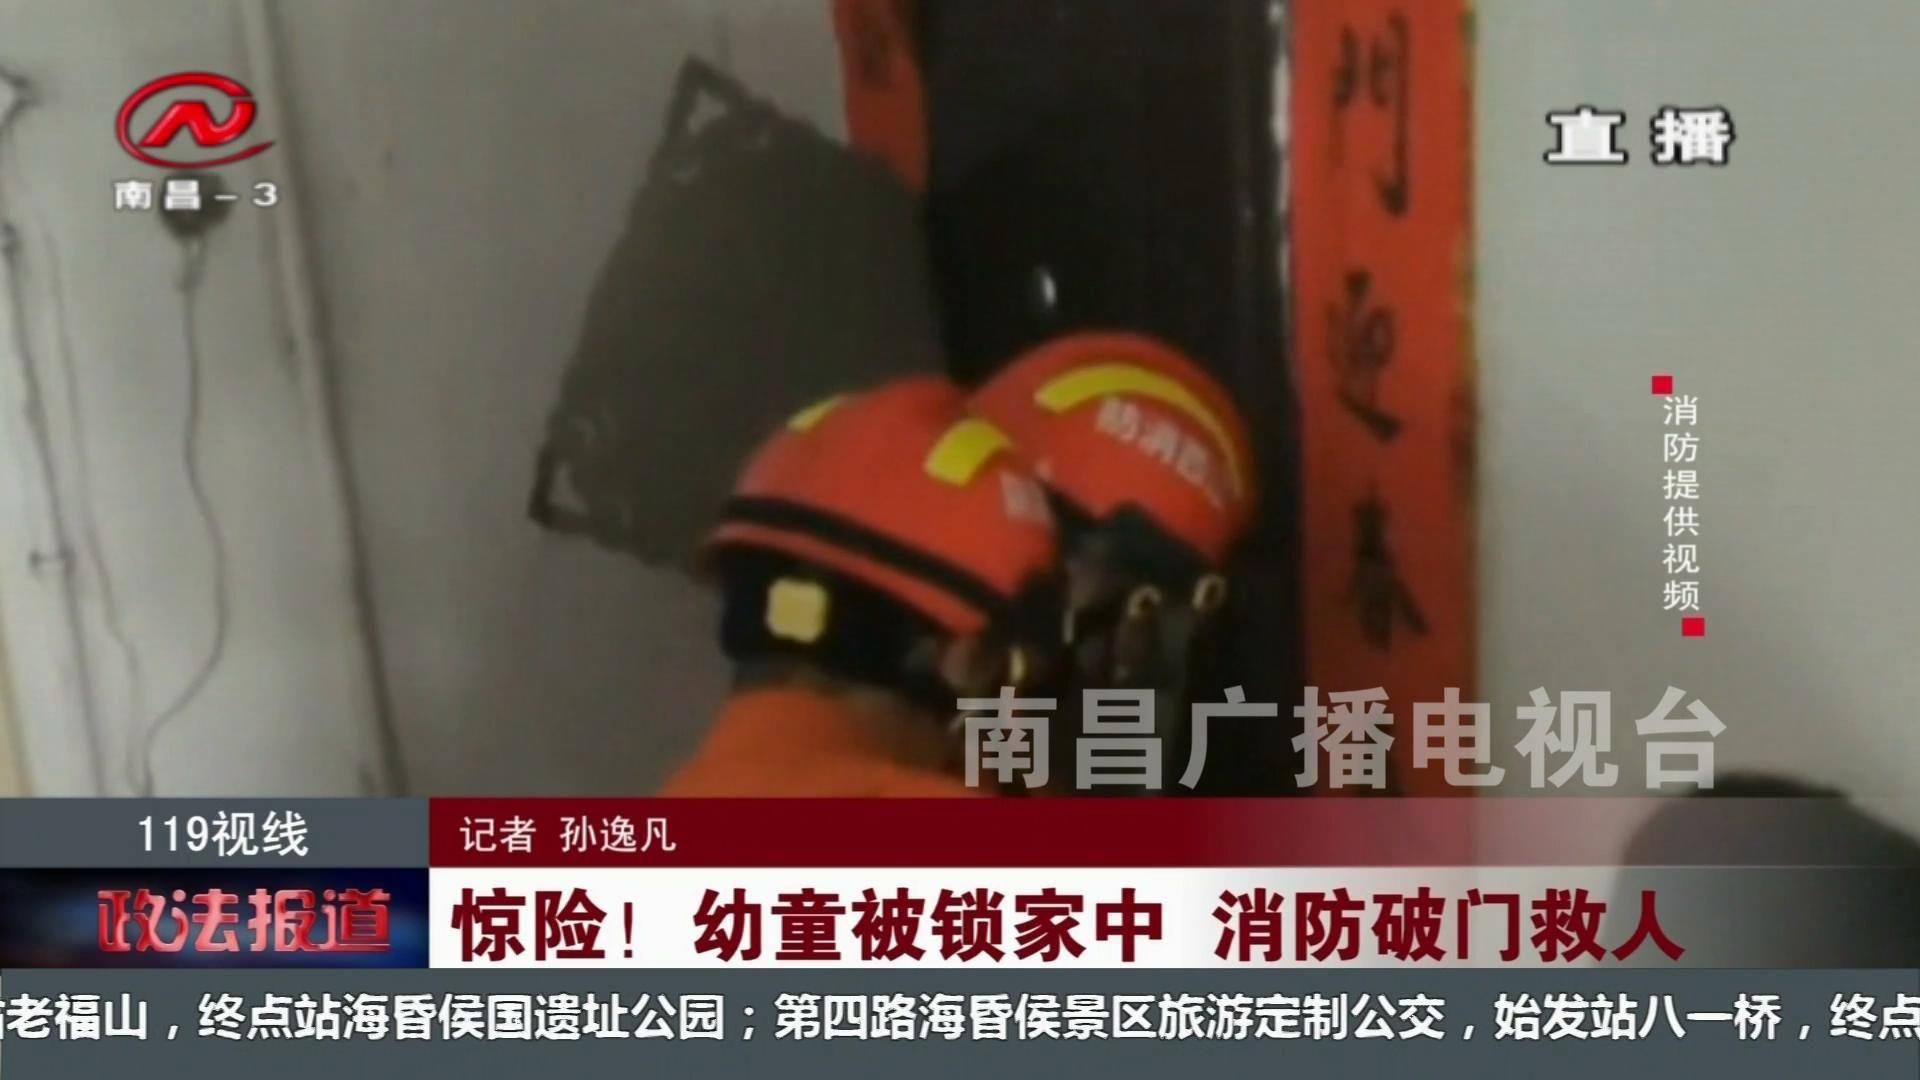 惊险!幼童被锁家中 消防破门救人